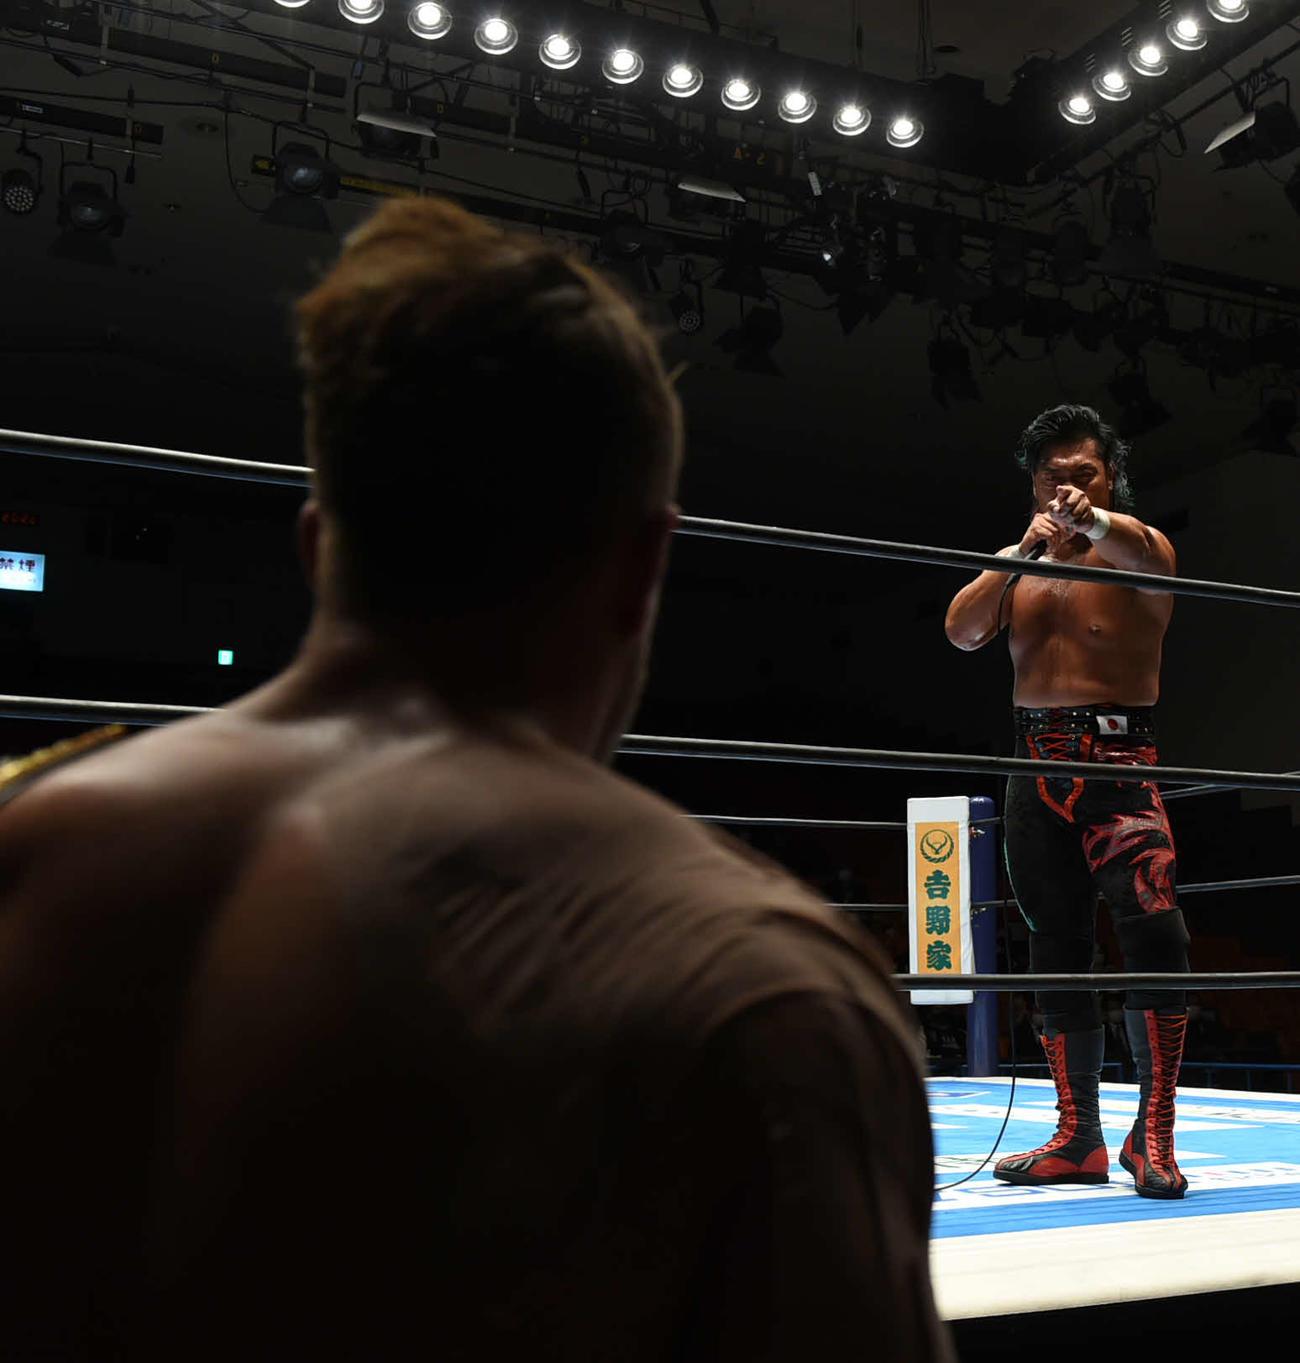 新日本プロレス後楽園大会 前哨戦に勝利後、ウィル・オスプレイ(手前)を指さす鷹木信悟(新日本プロレス提供)